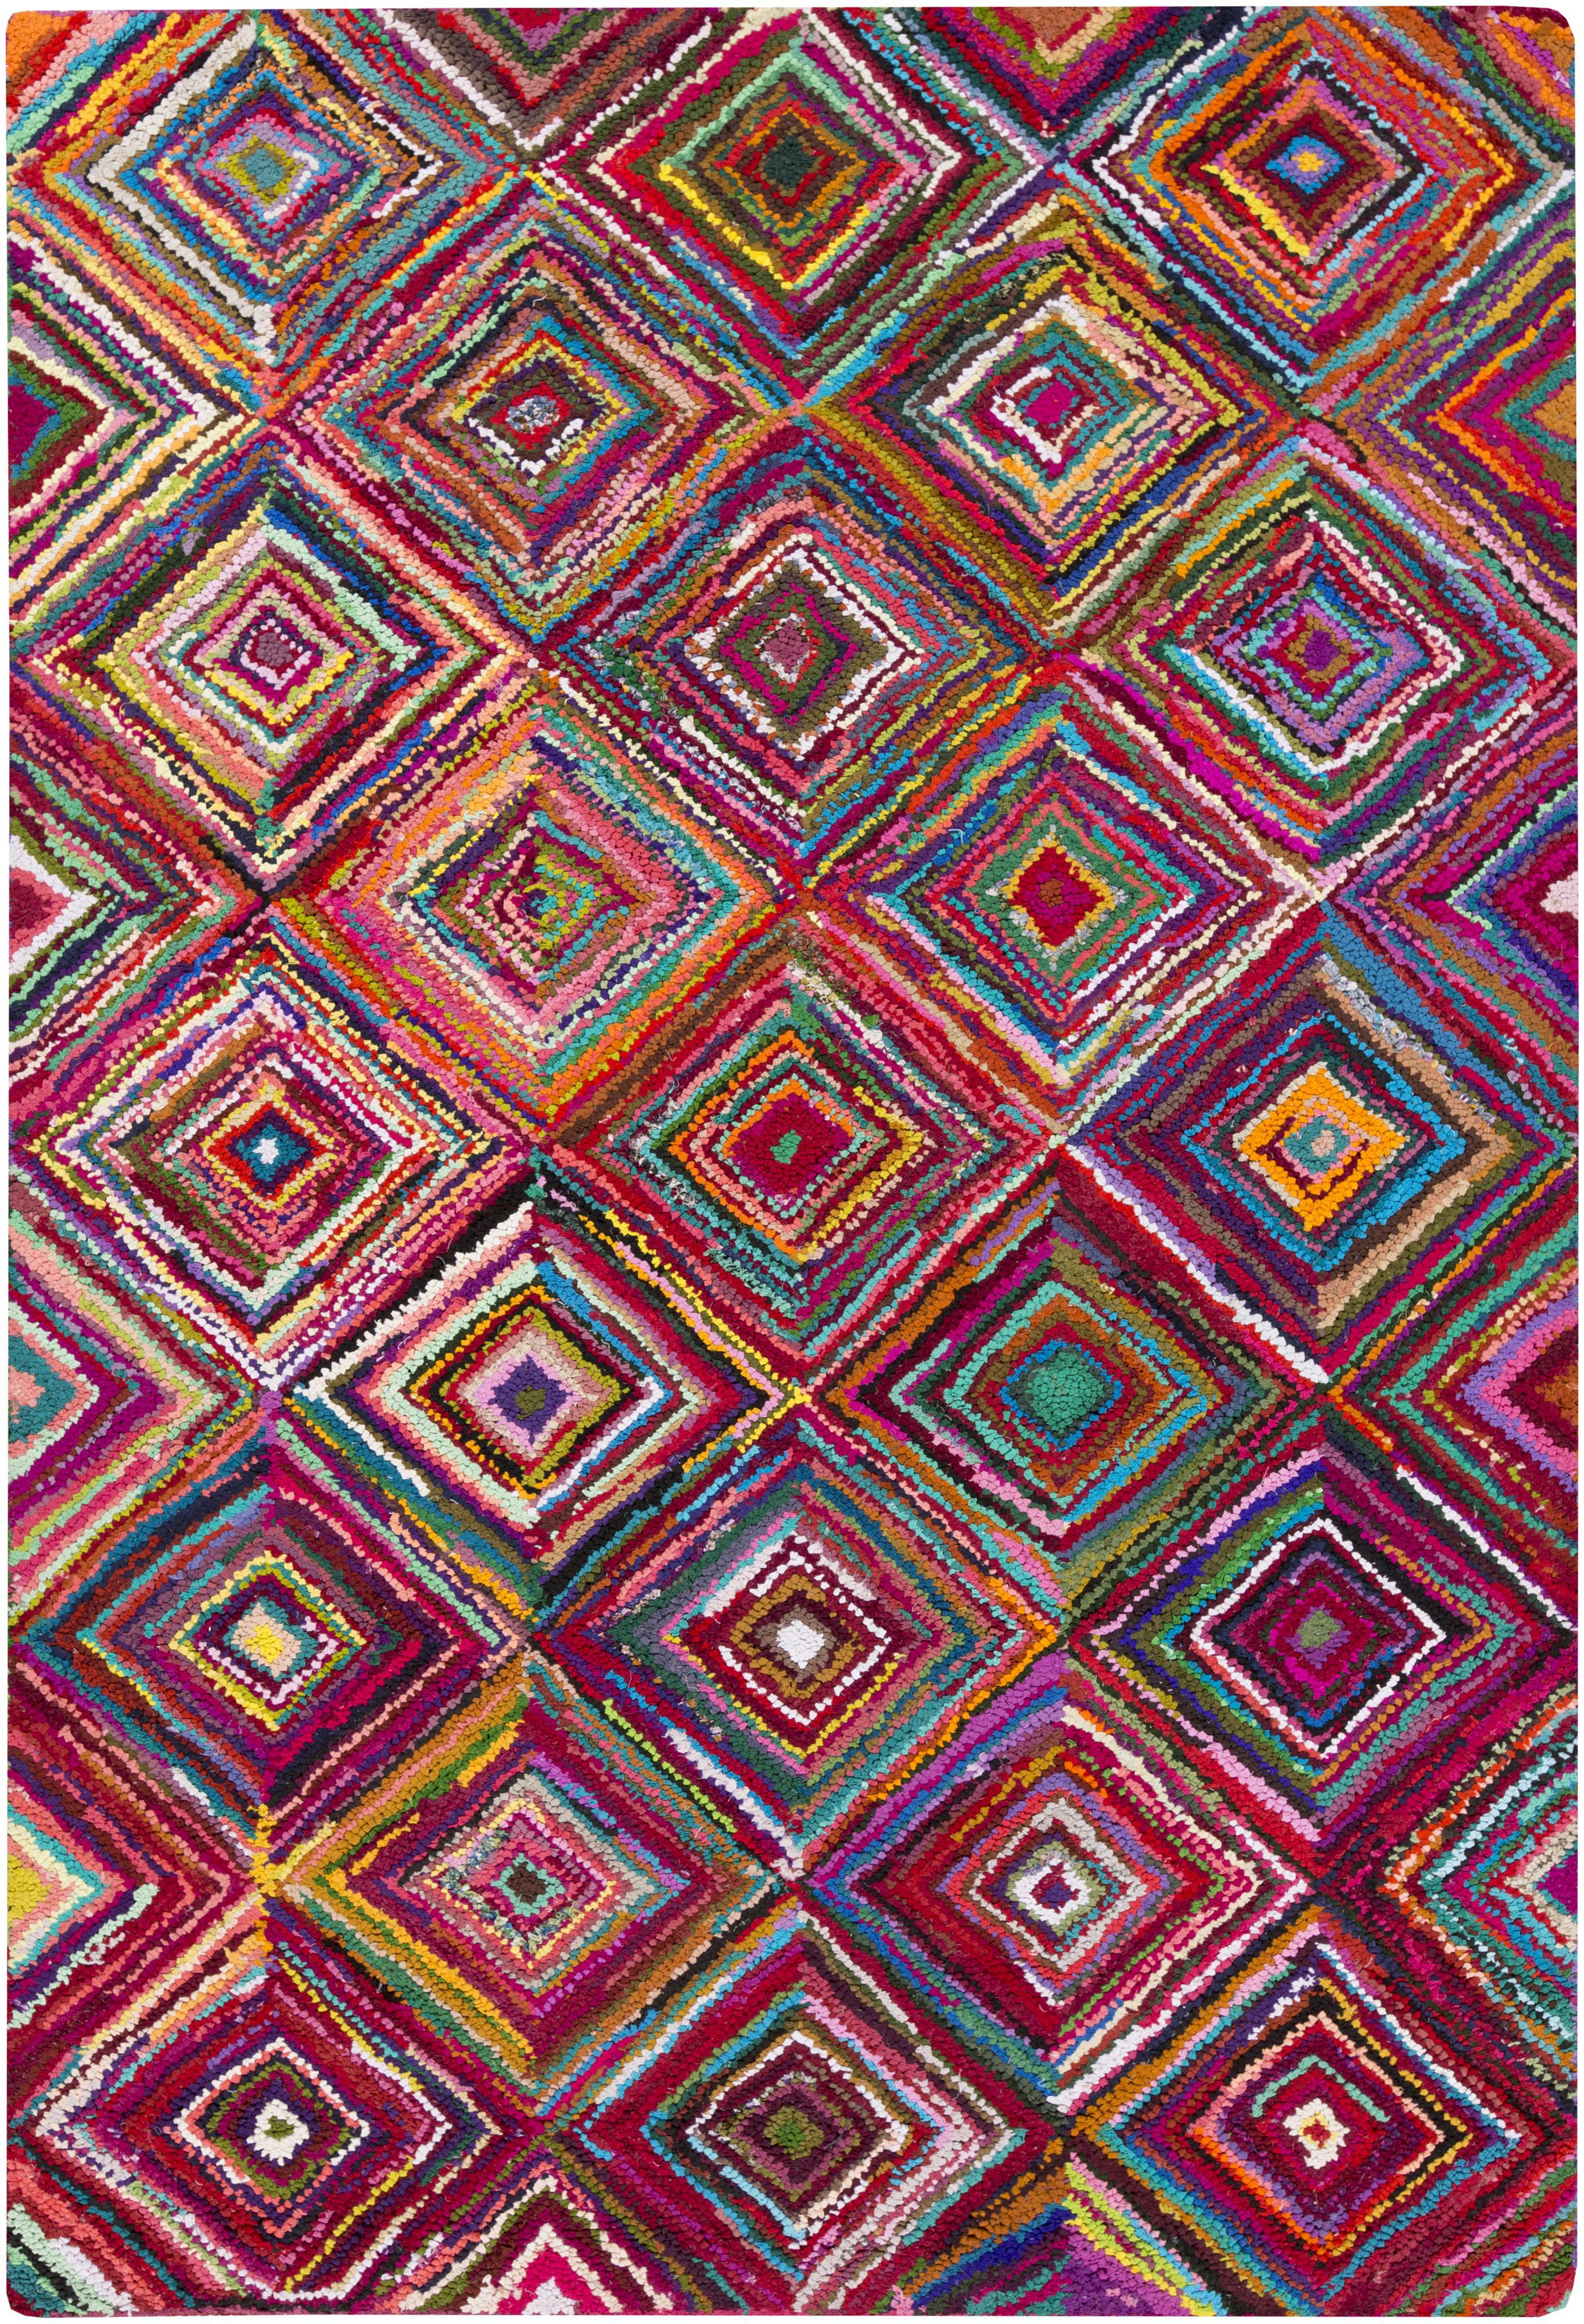 Surya Boho 9' x 13' - Item Number: BOH2002-913